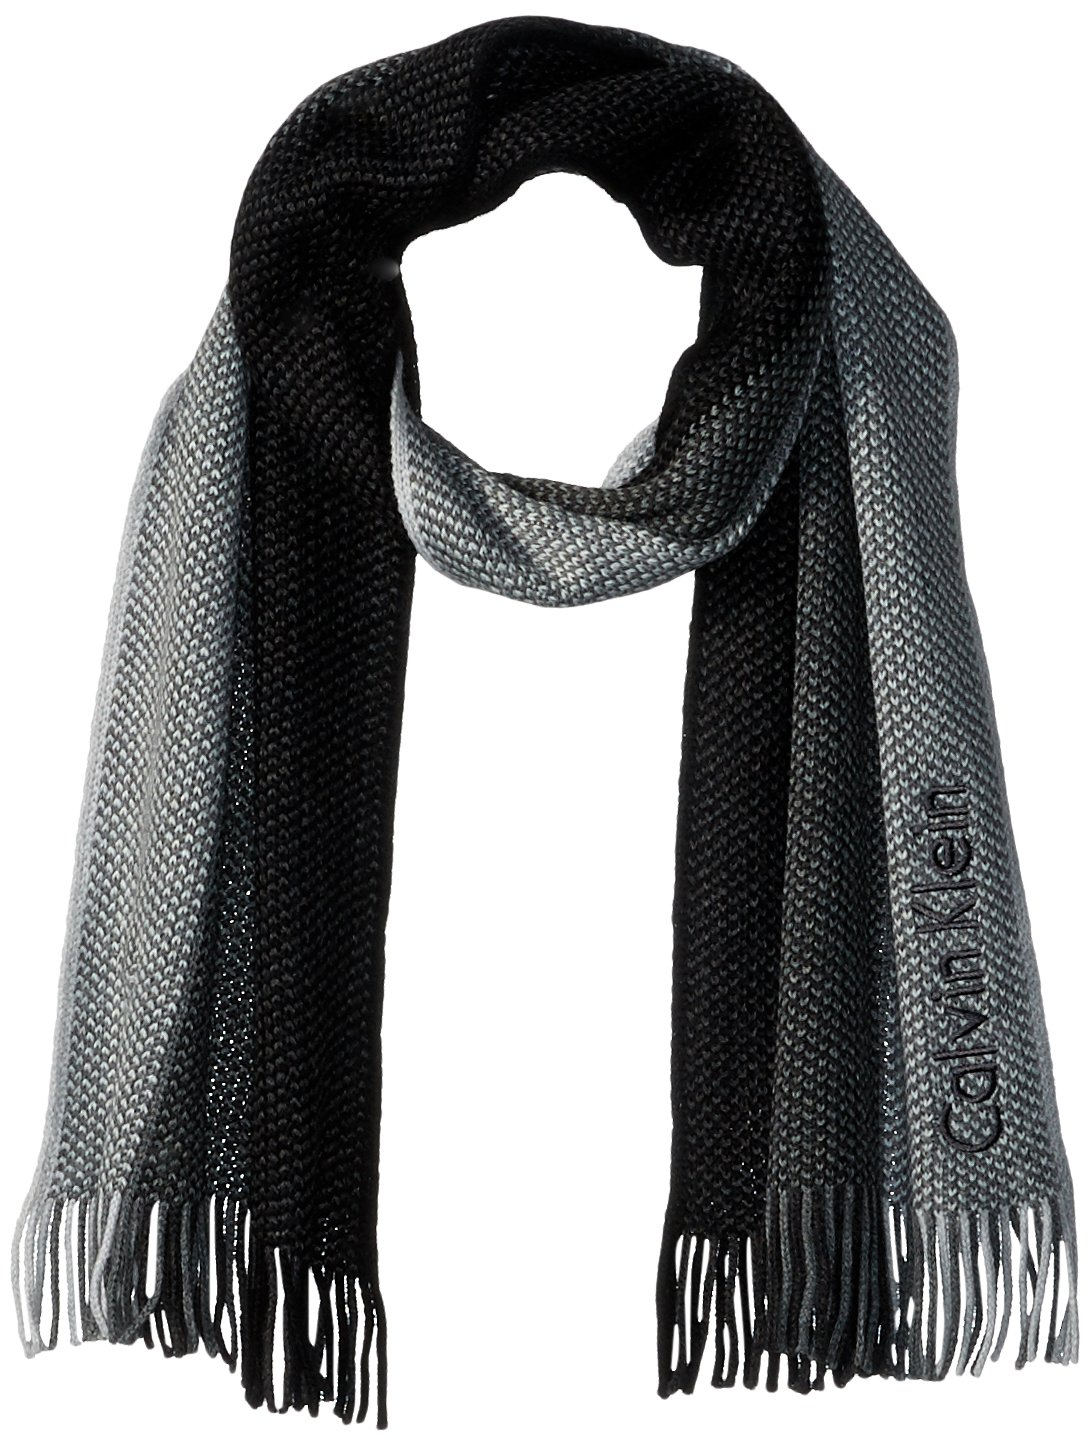 Calvin Klein Men's Striped Scarf, Onyx One Size